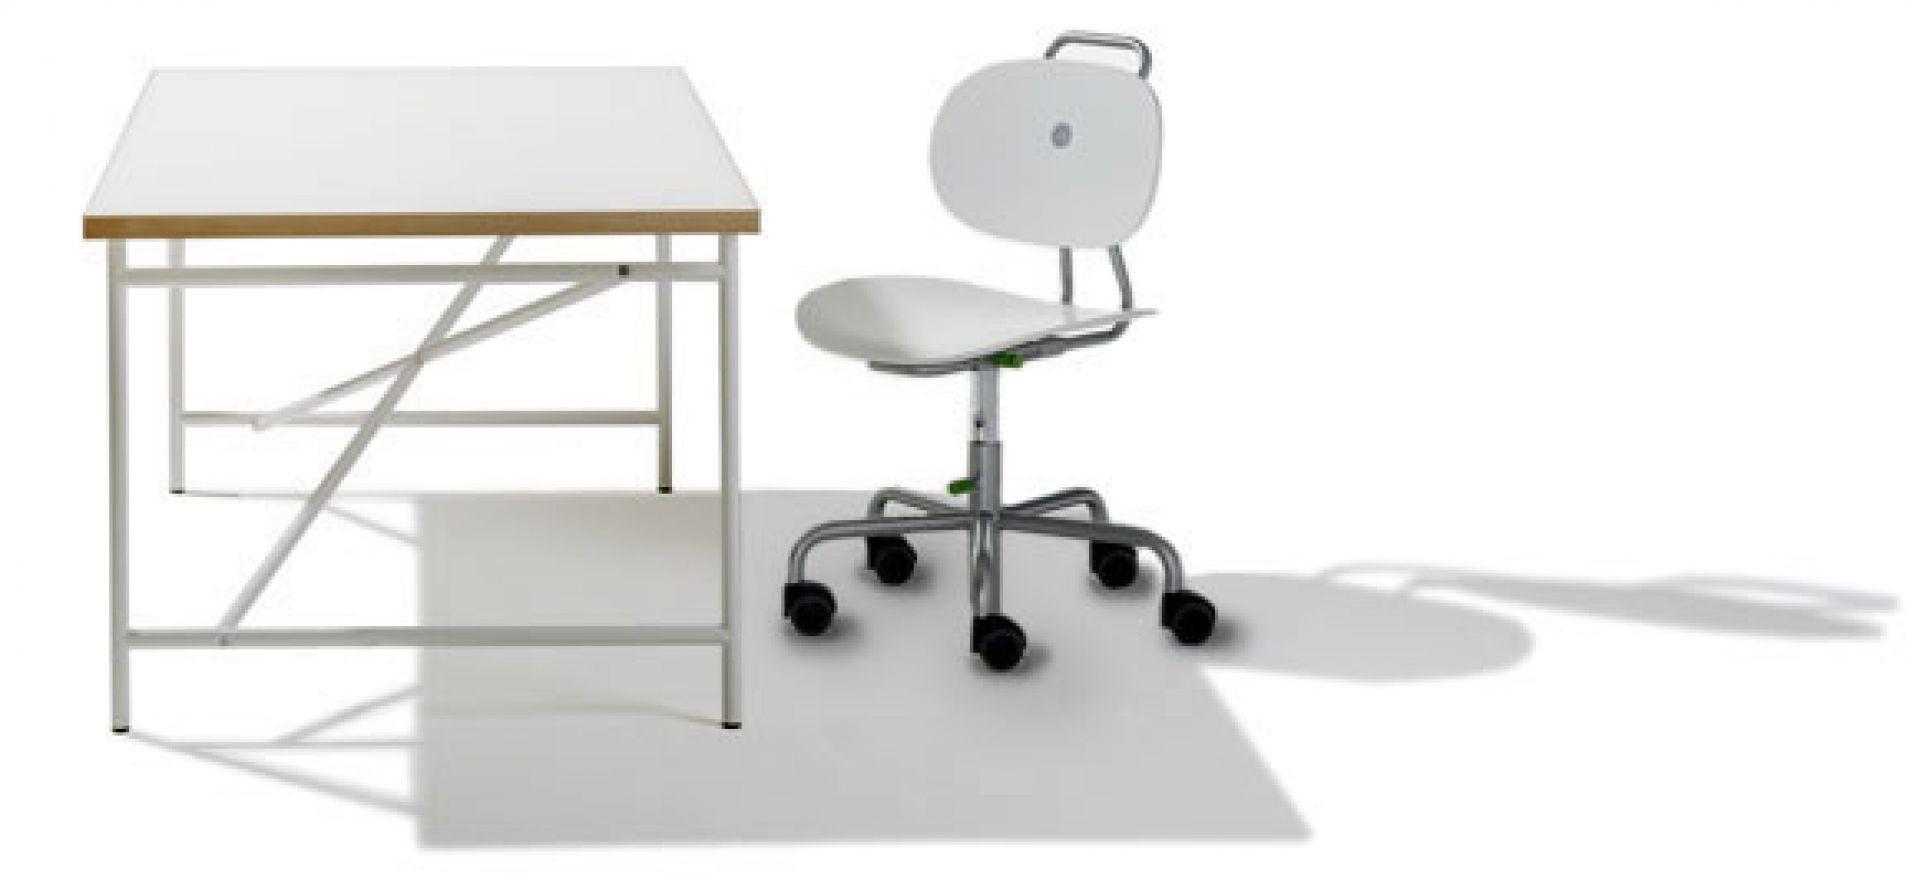 Eiermann desk for children white frame Richard Lampert